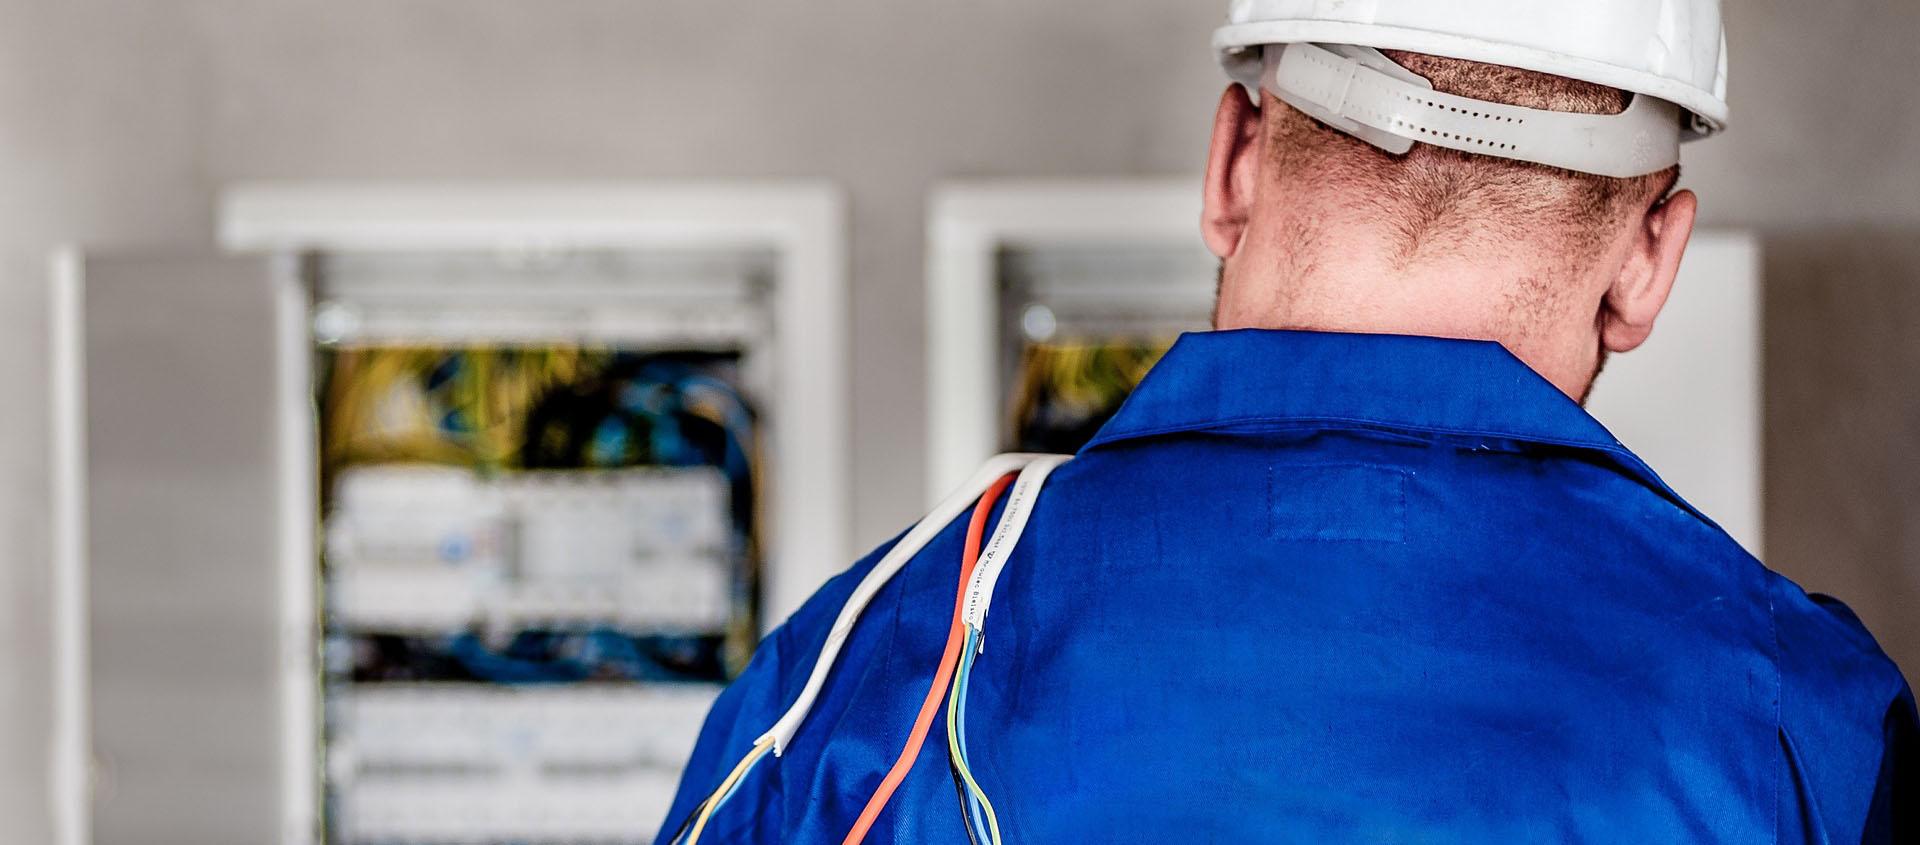 Electricistas ✦ Instalaciones eléctricas ✦ Lámparas colgantes ✦ Lámparas de pie ✦ Apliques ✨ Expertos en reparaciones, mantenimiento 24 horas ✅ Málaga